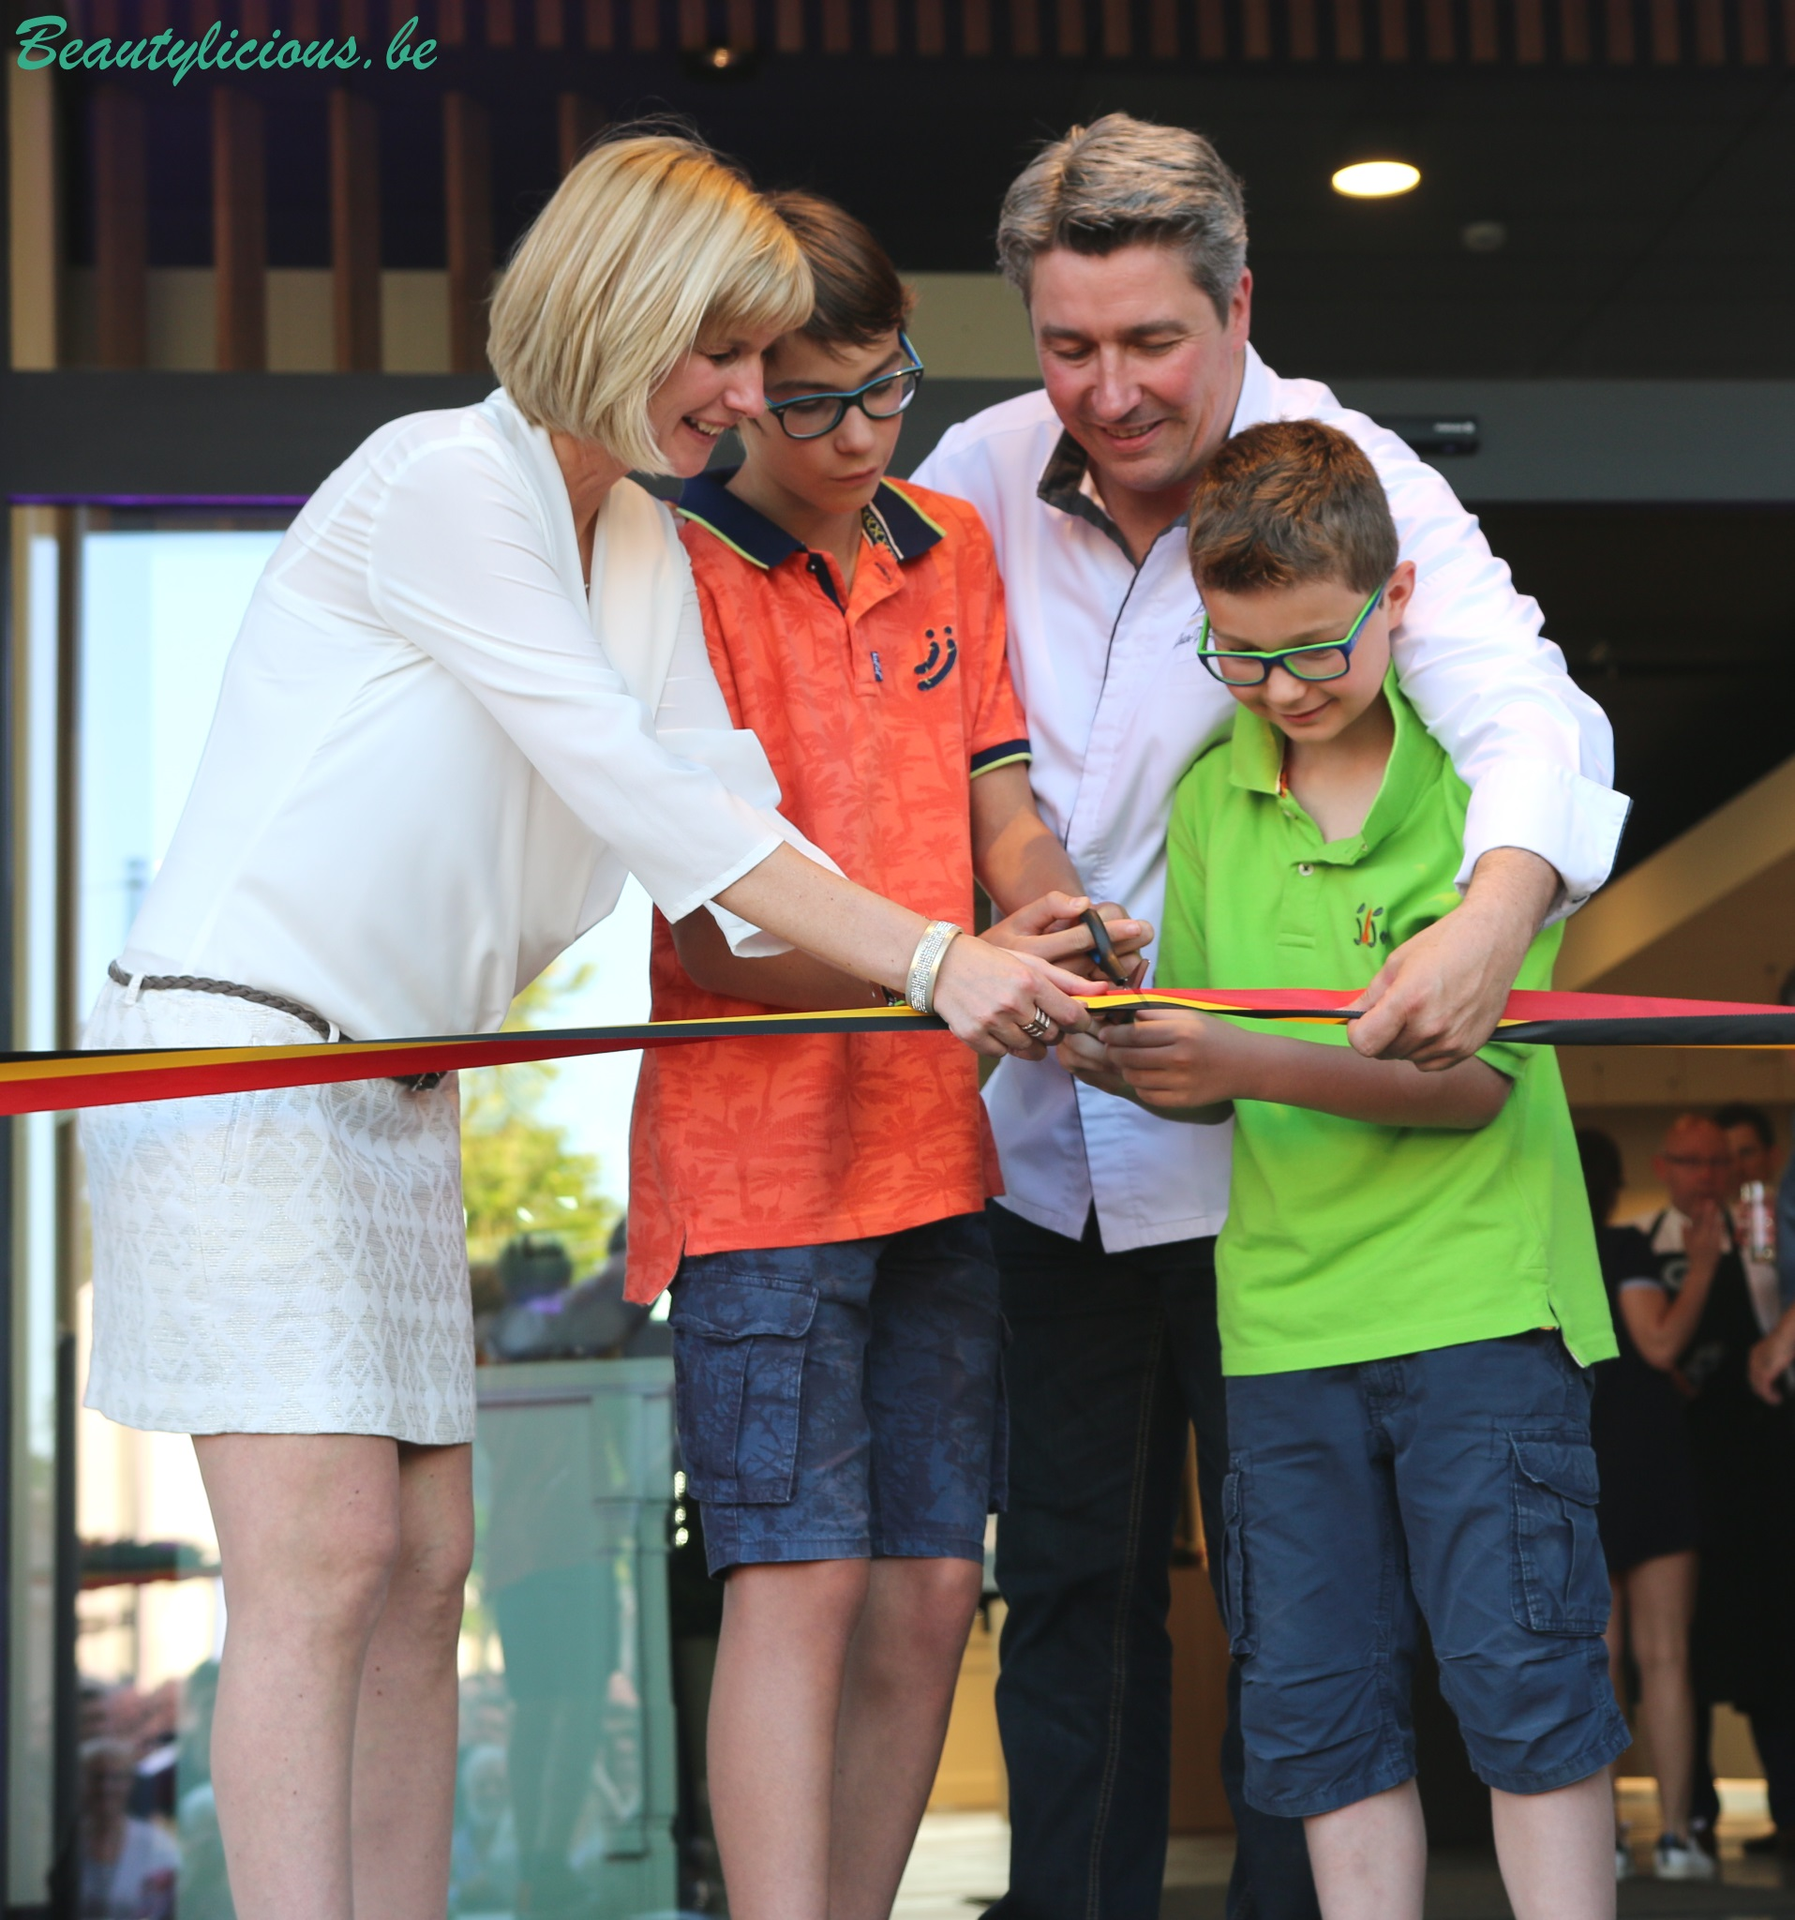 La chocolaterie de jean philippe darcis l incontournable for Jean dujardin et ses enfants